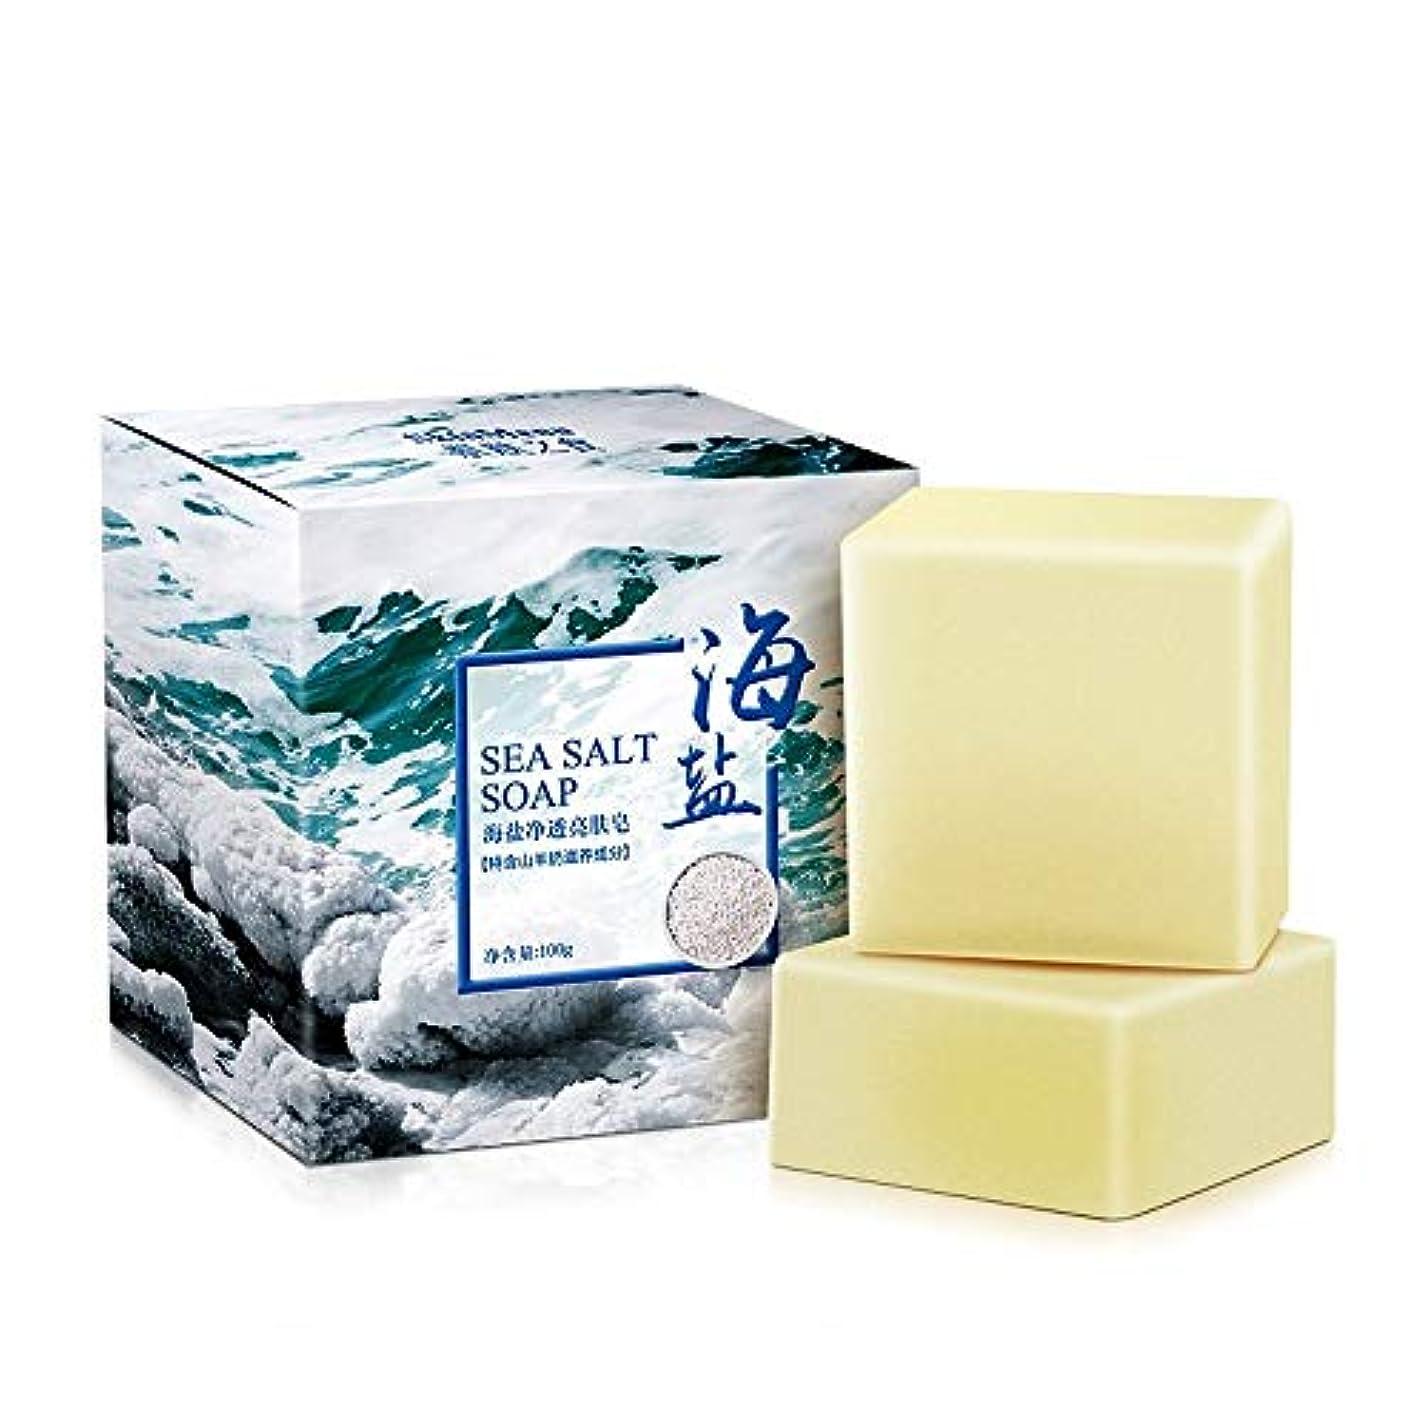 シネマ百年馬鹿げた海塩石鹸除去にきび毛穴にきび治療ディープクリーナー保湿ヤギのミルク、フェイスドライとナチュラルオイリースキンケア、100 g